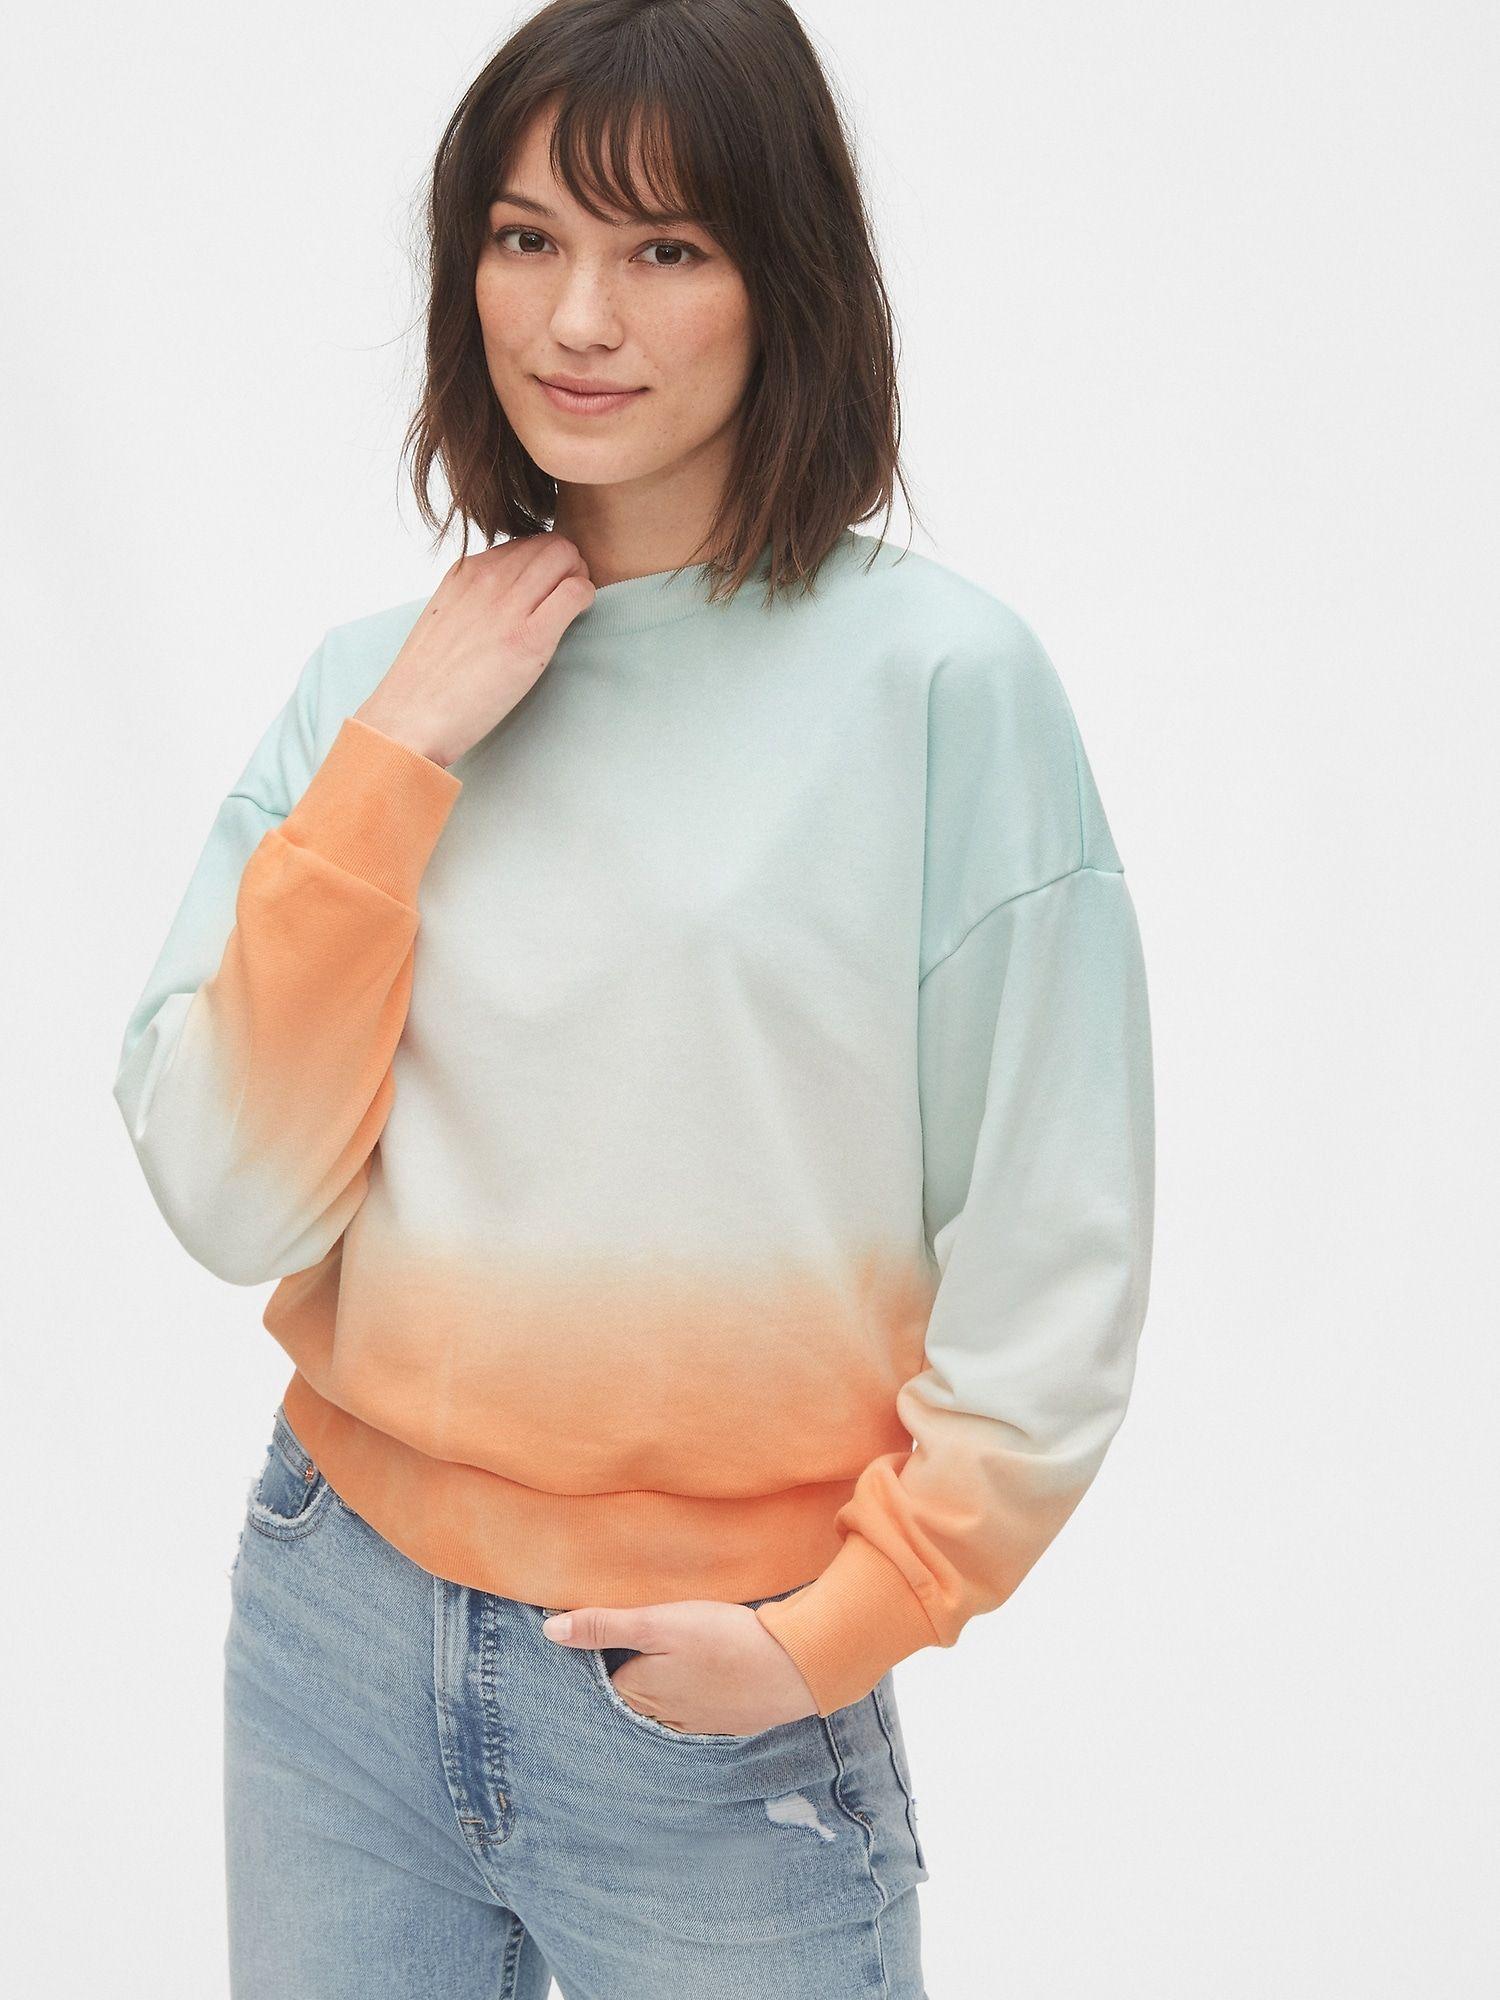 Gap Tie Dye Cropped Sweatshirt In French Terry Blue Orange Ombre Crop Sweatshirt Tie Dye Sweatshirts Women [ 2000 x 1500 Pixel ]